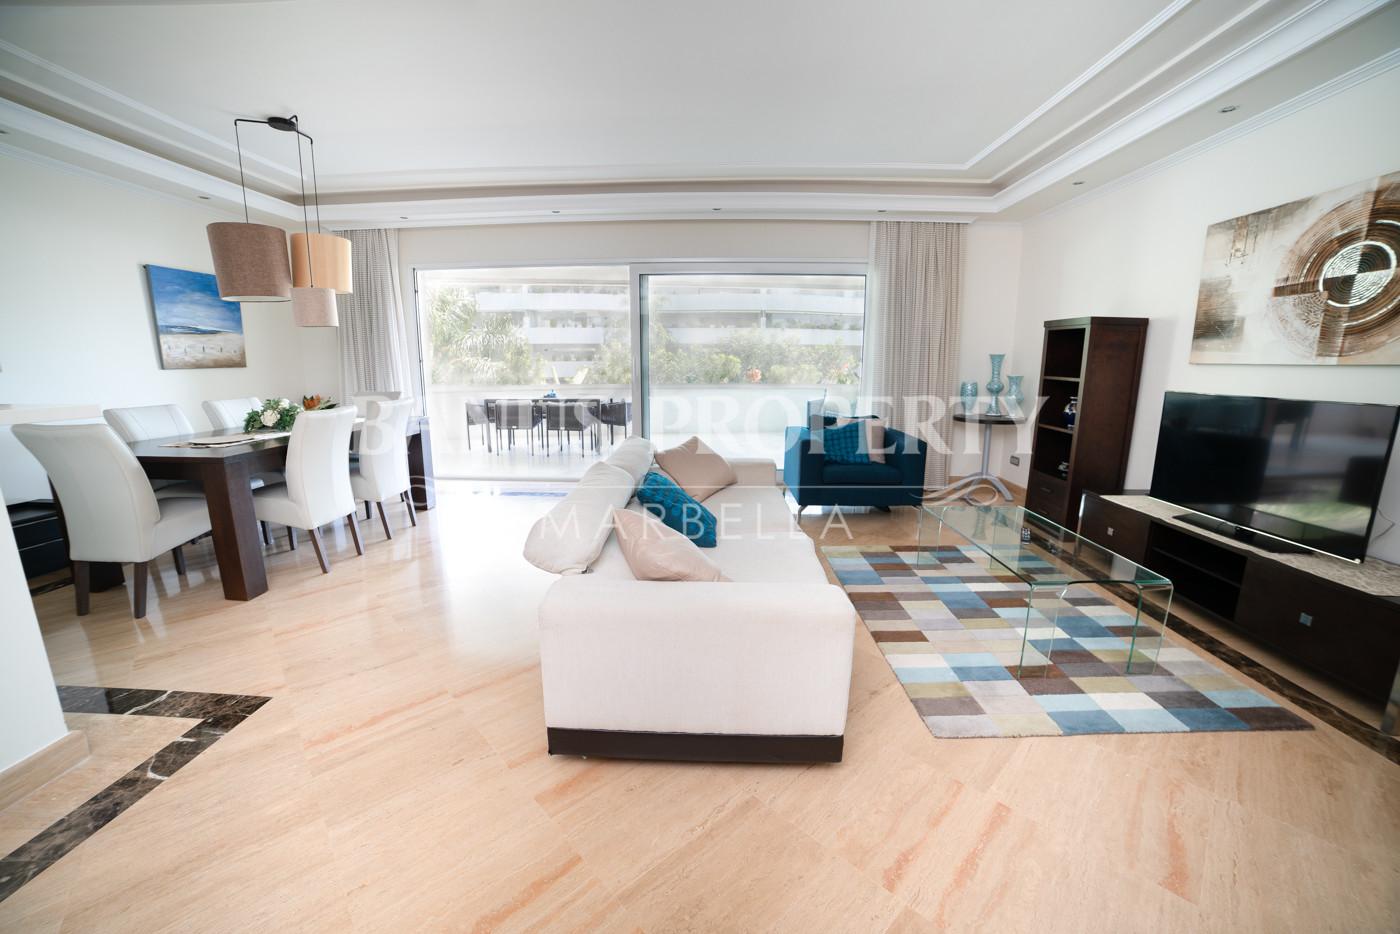 Great and spacious apartment in El Embrujo de Banus